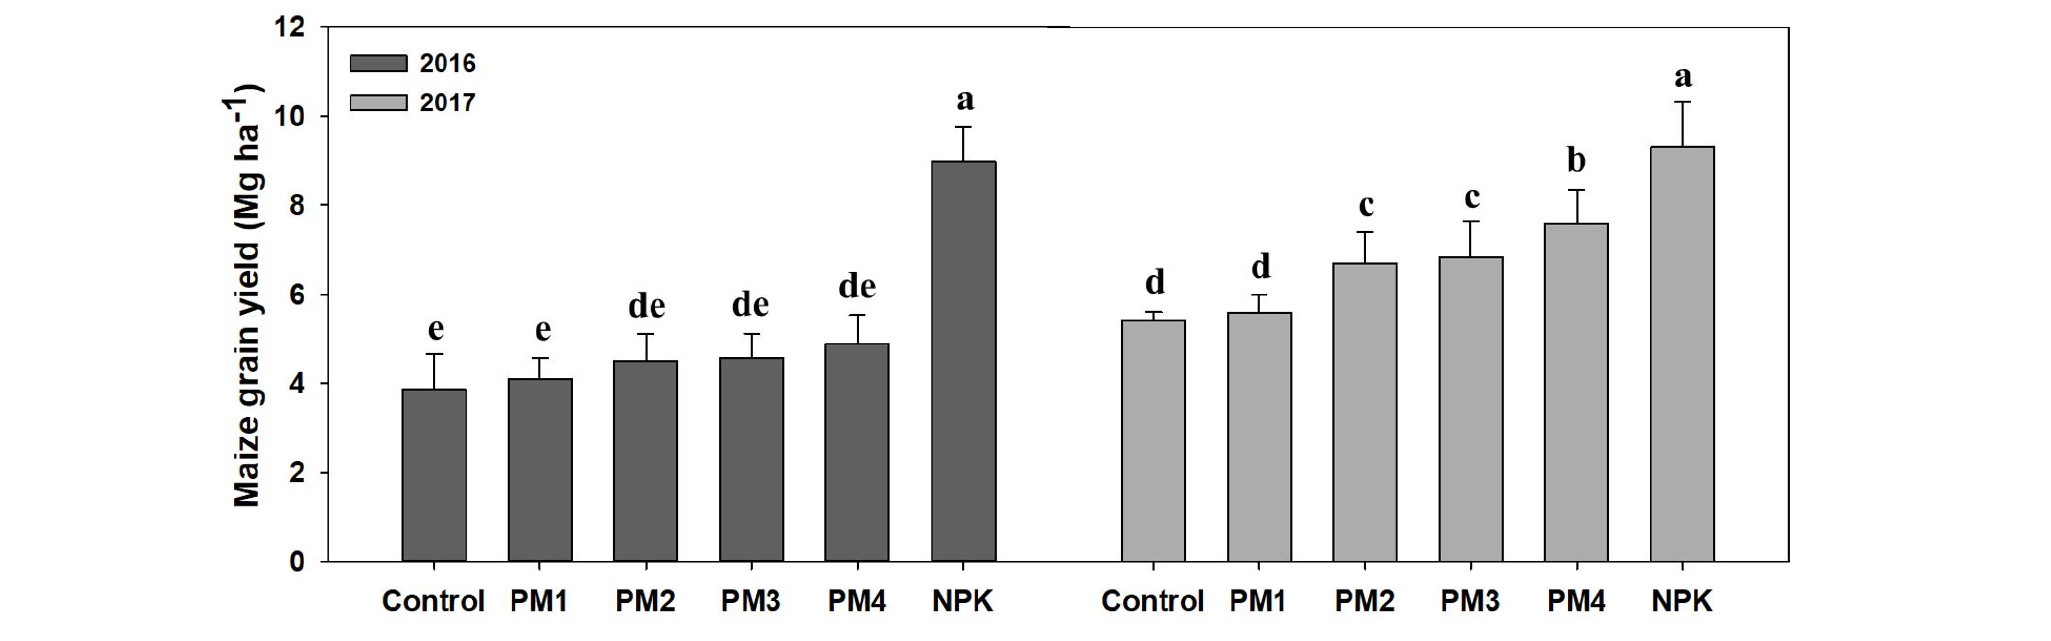 http://static.apub.kr/journalsite/sites/ksssf/2020-053-02/N0230530201/images/ksssf_53_02_01_F2.jpg